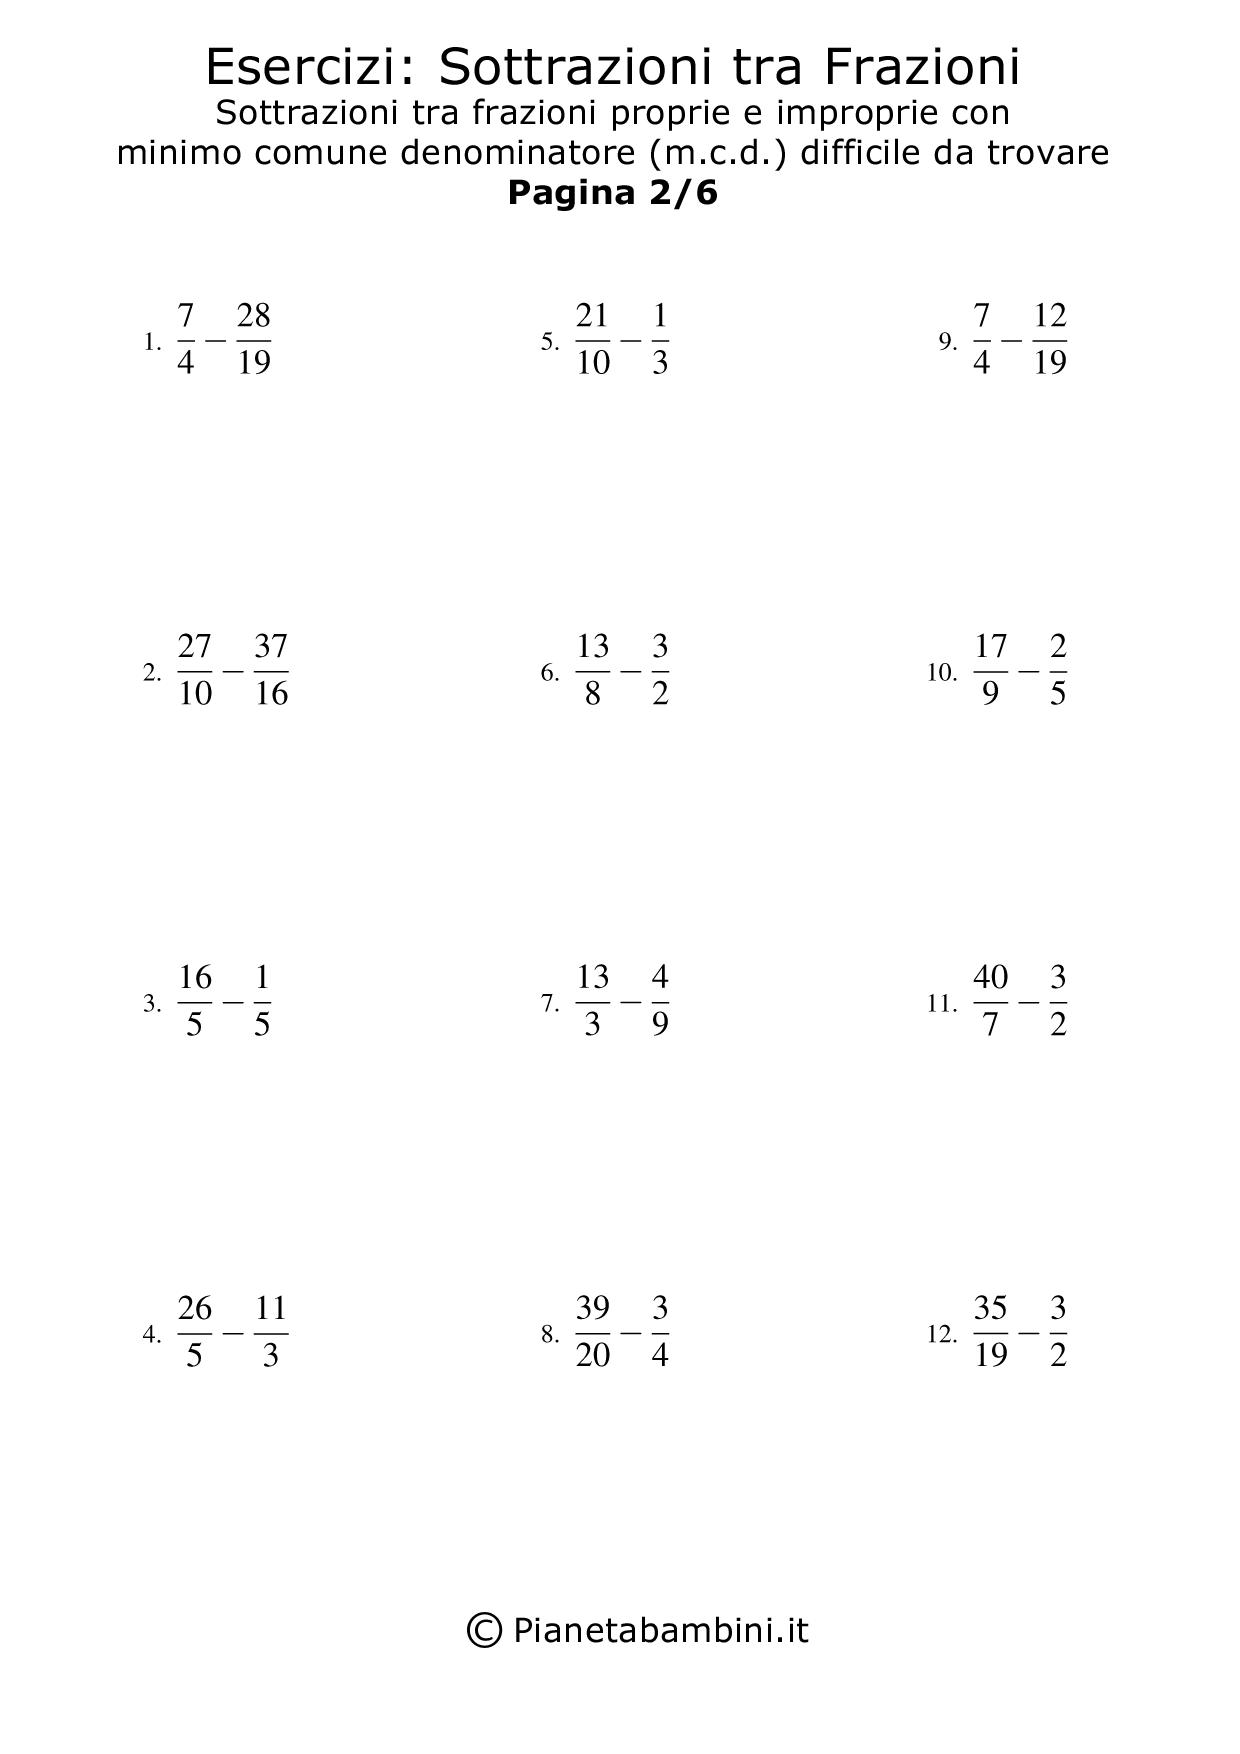 Sottrazioni-Frazioni-m.c.d.-Difficile_2